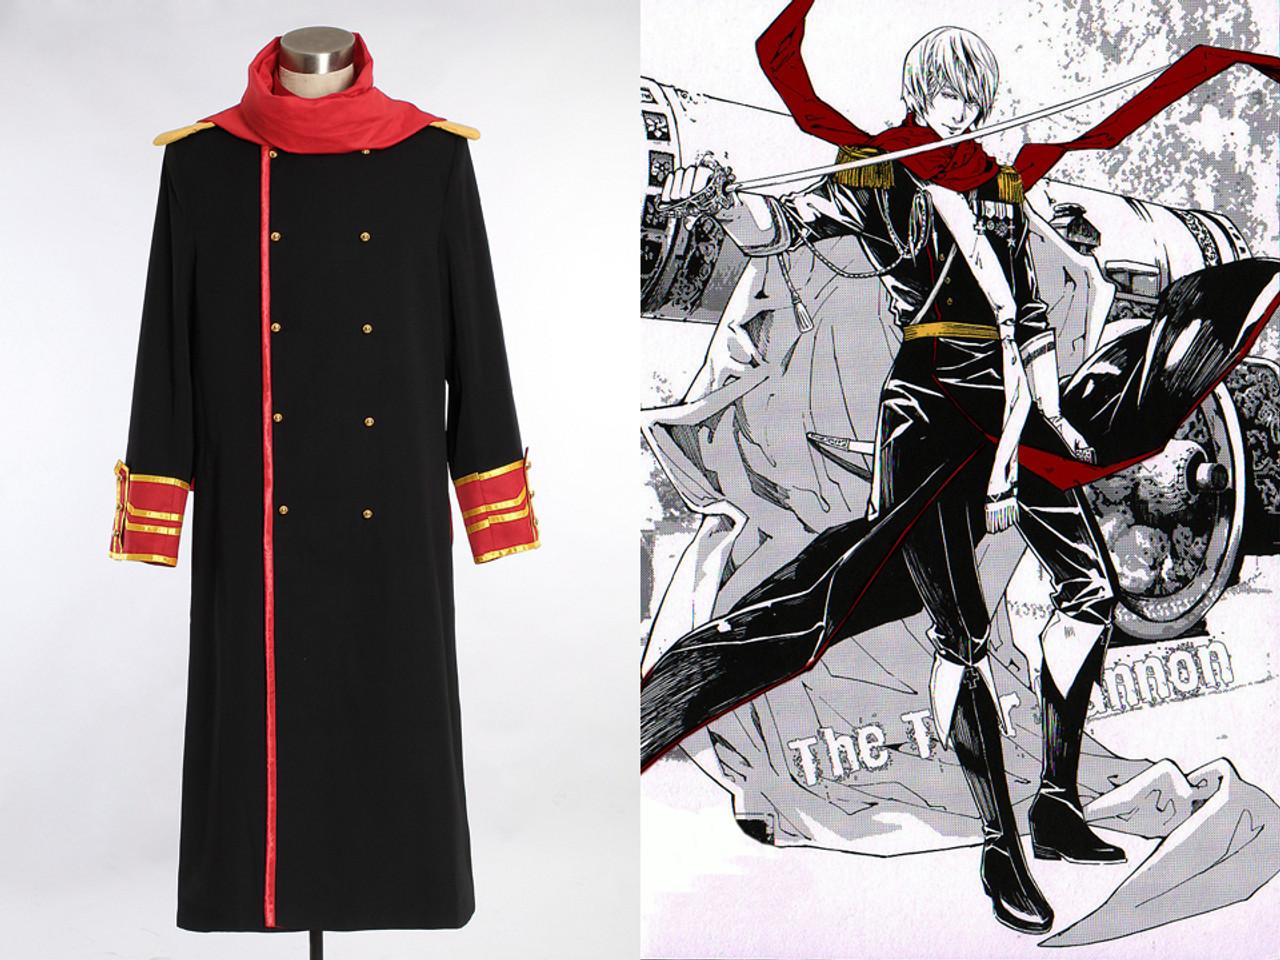 Axis Power Hetalia Cosplay Ivan Braginski Costume Long Jacket /& Scarf N Russia